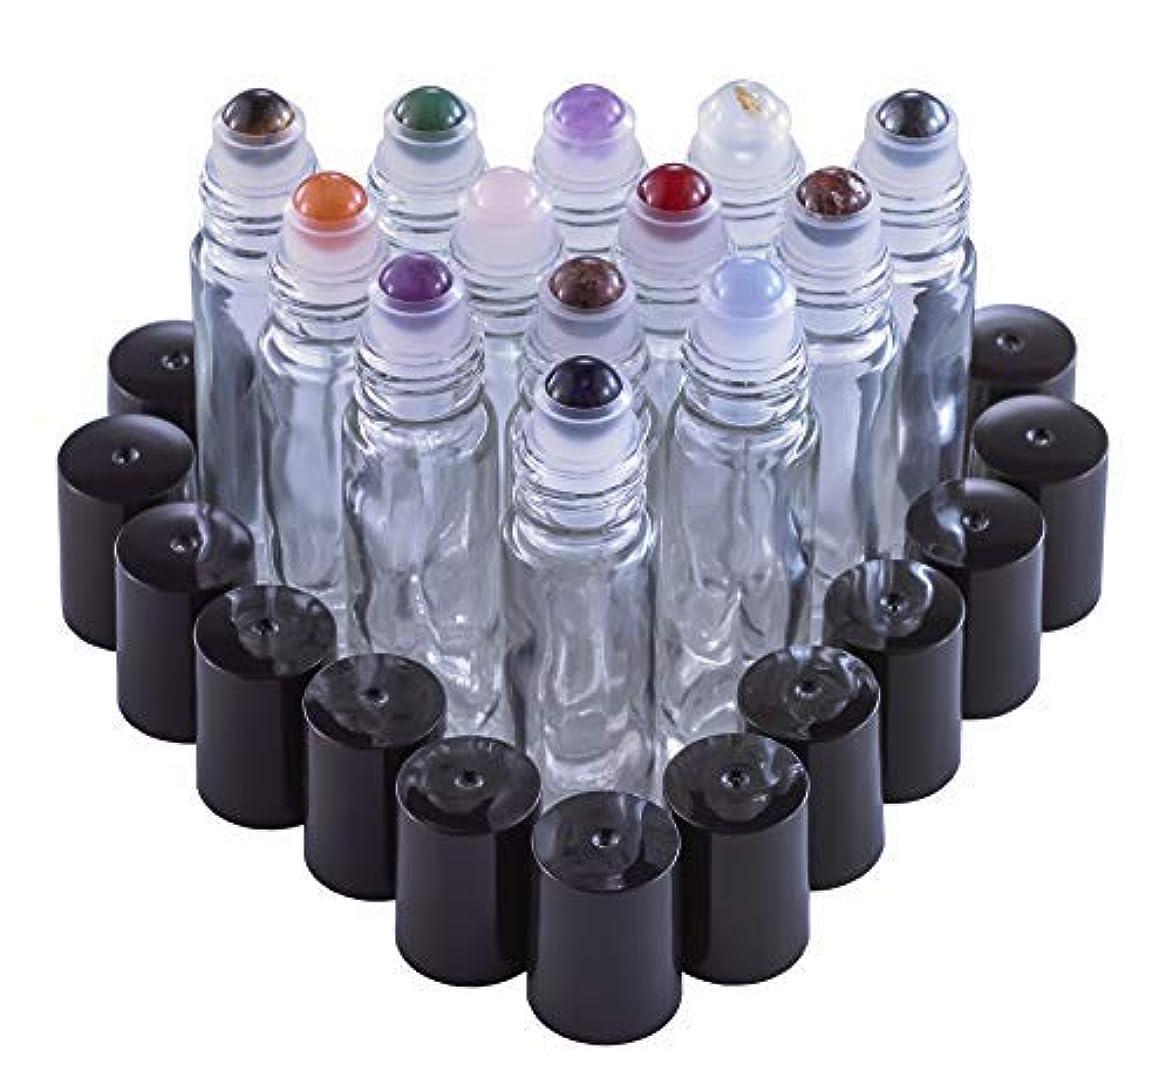 観光に行くレディ落ち着いたGemstone Roller Balls For Essential Oils - 13 Beautiful Glass Roller Bottles With Precious Gemstones and Crystals...